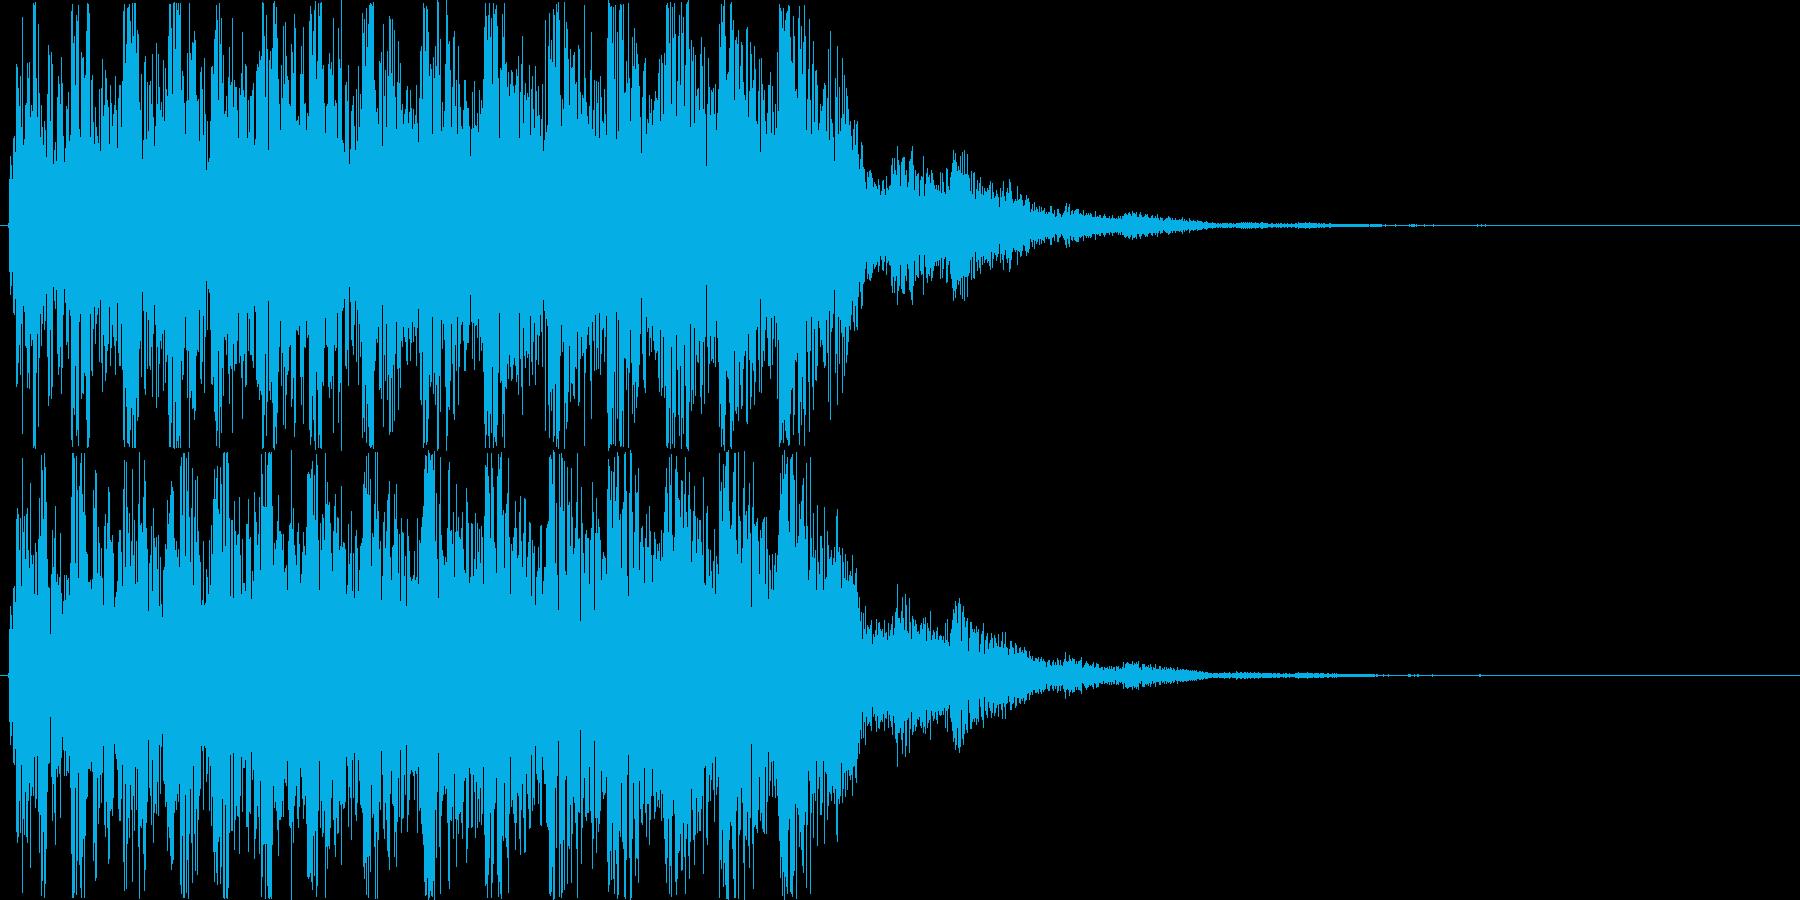 【パワーアップ】ゲームなどの強化系効果音の再生済みの波形